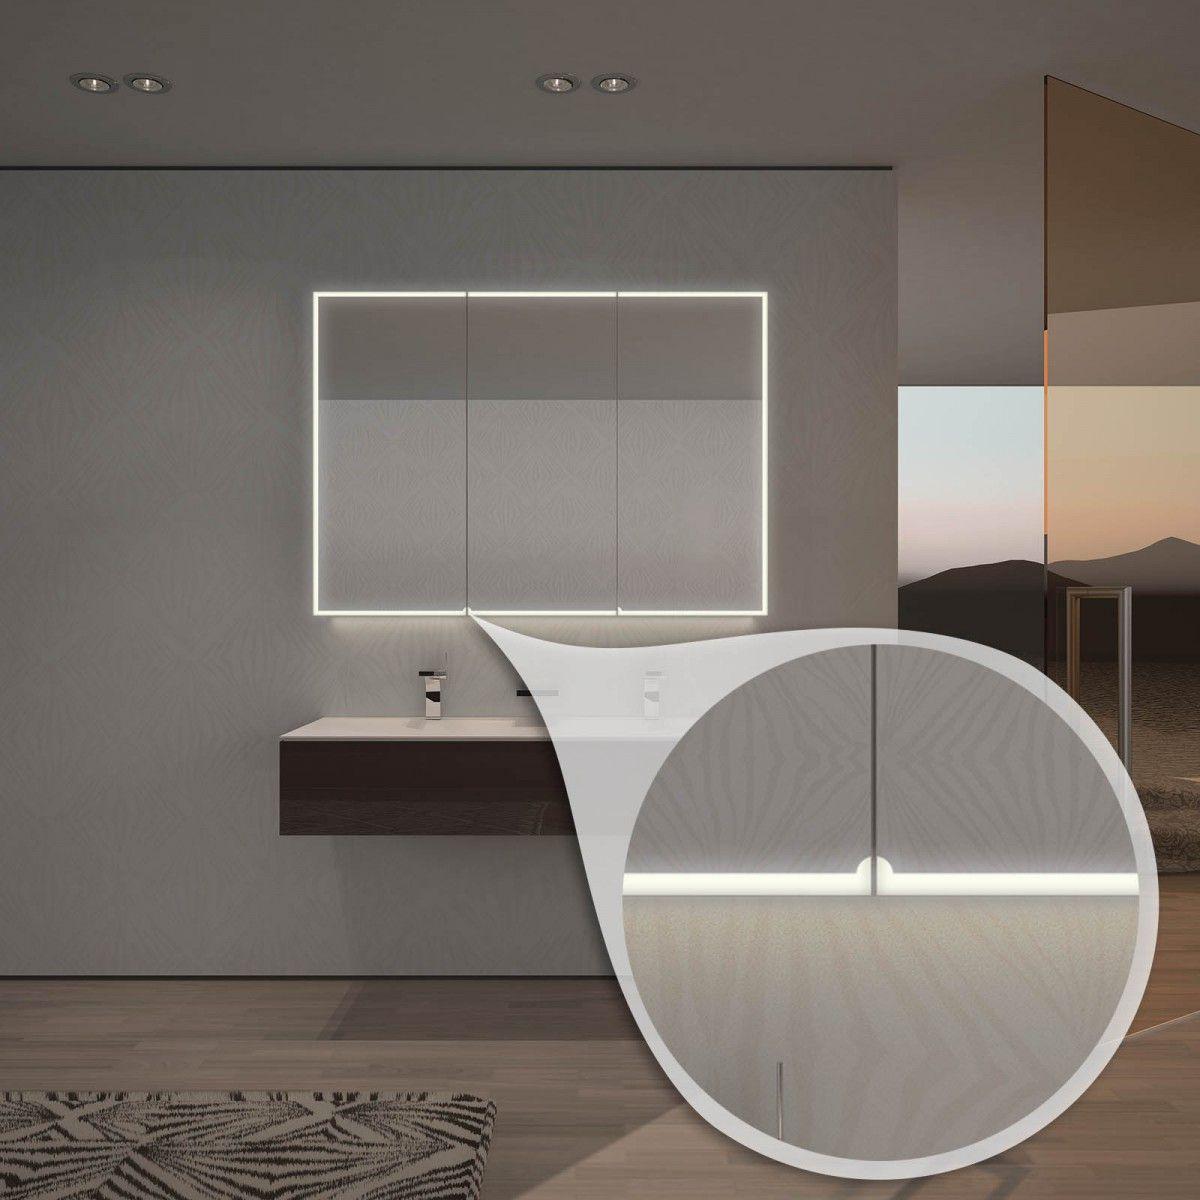 Badezimmer design beleuchtung spiegelschrank nach maß mit ledbeleuchtung aurel